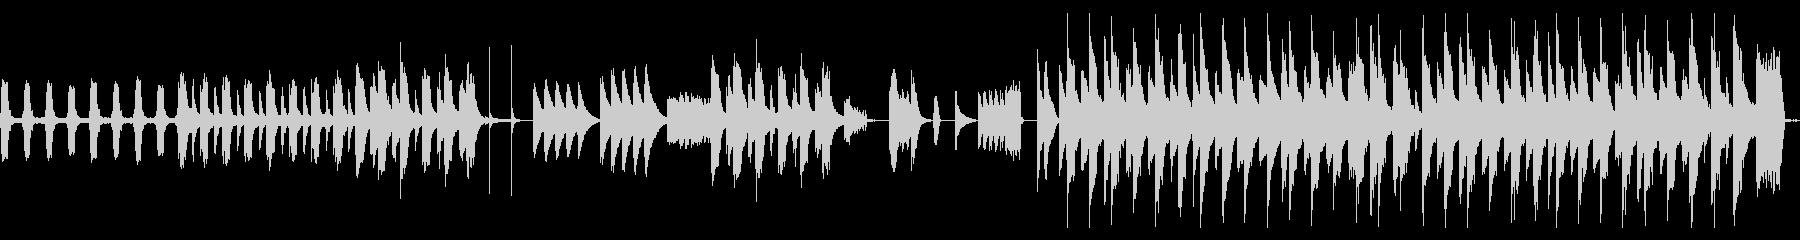 ピタゴラスイッチ風のコミカルなBGMの未再生の波形